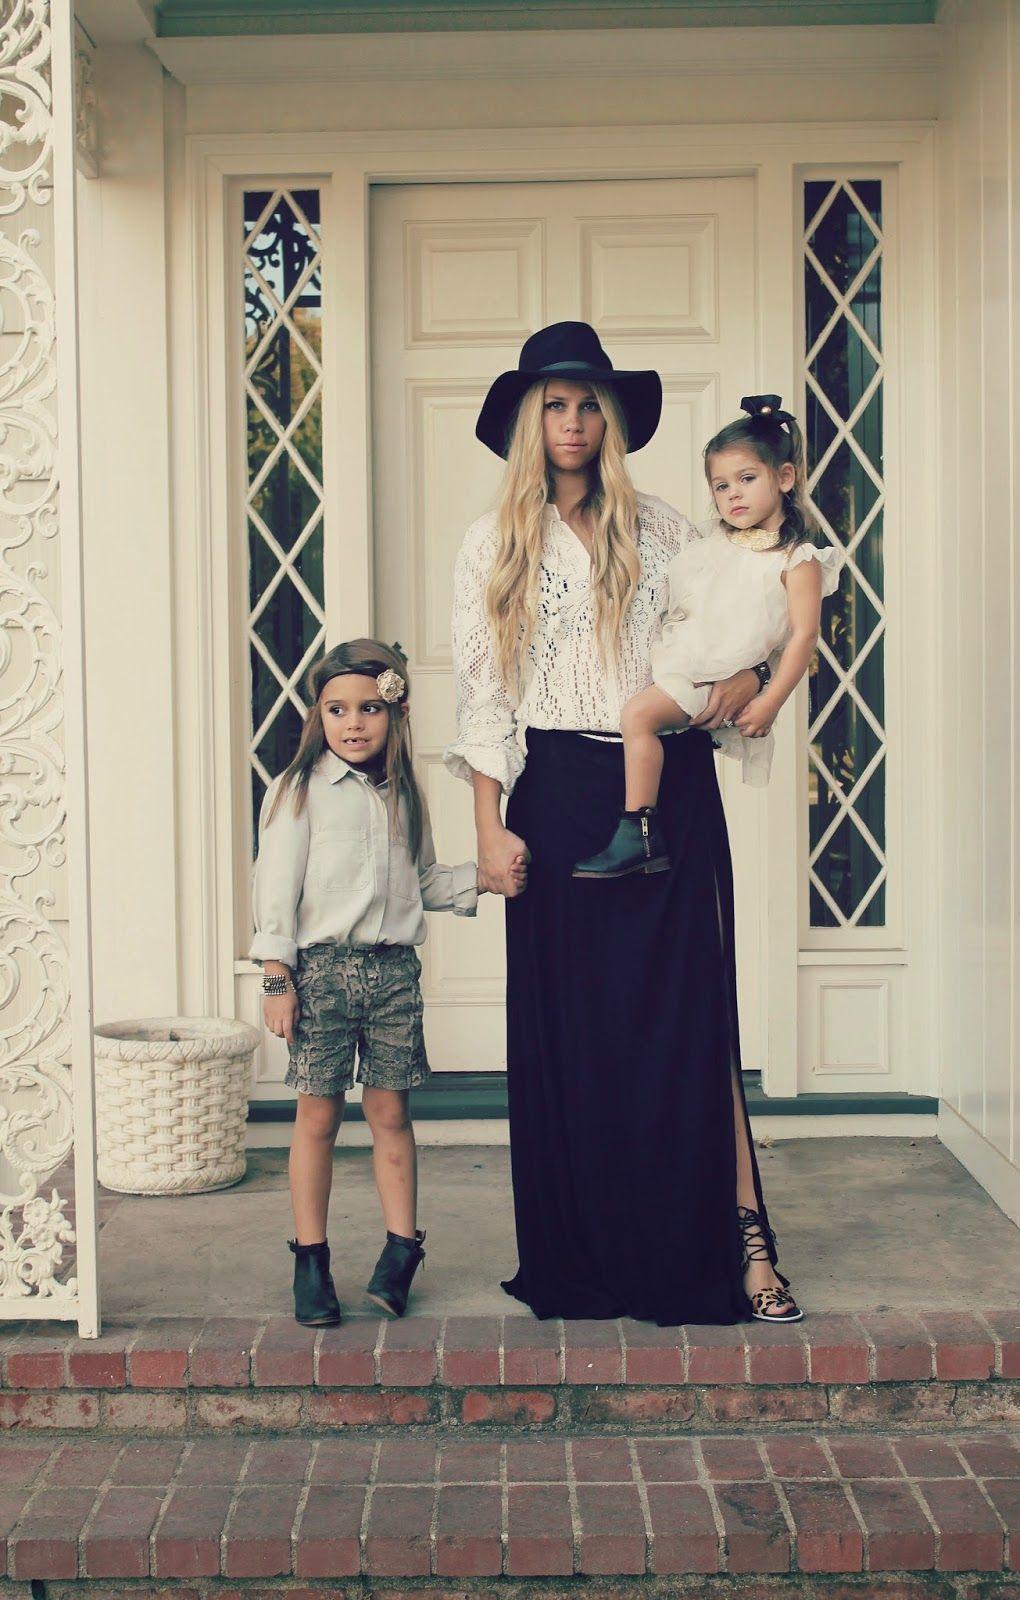 d5ea6b4c4760 Fashionable moms